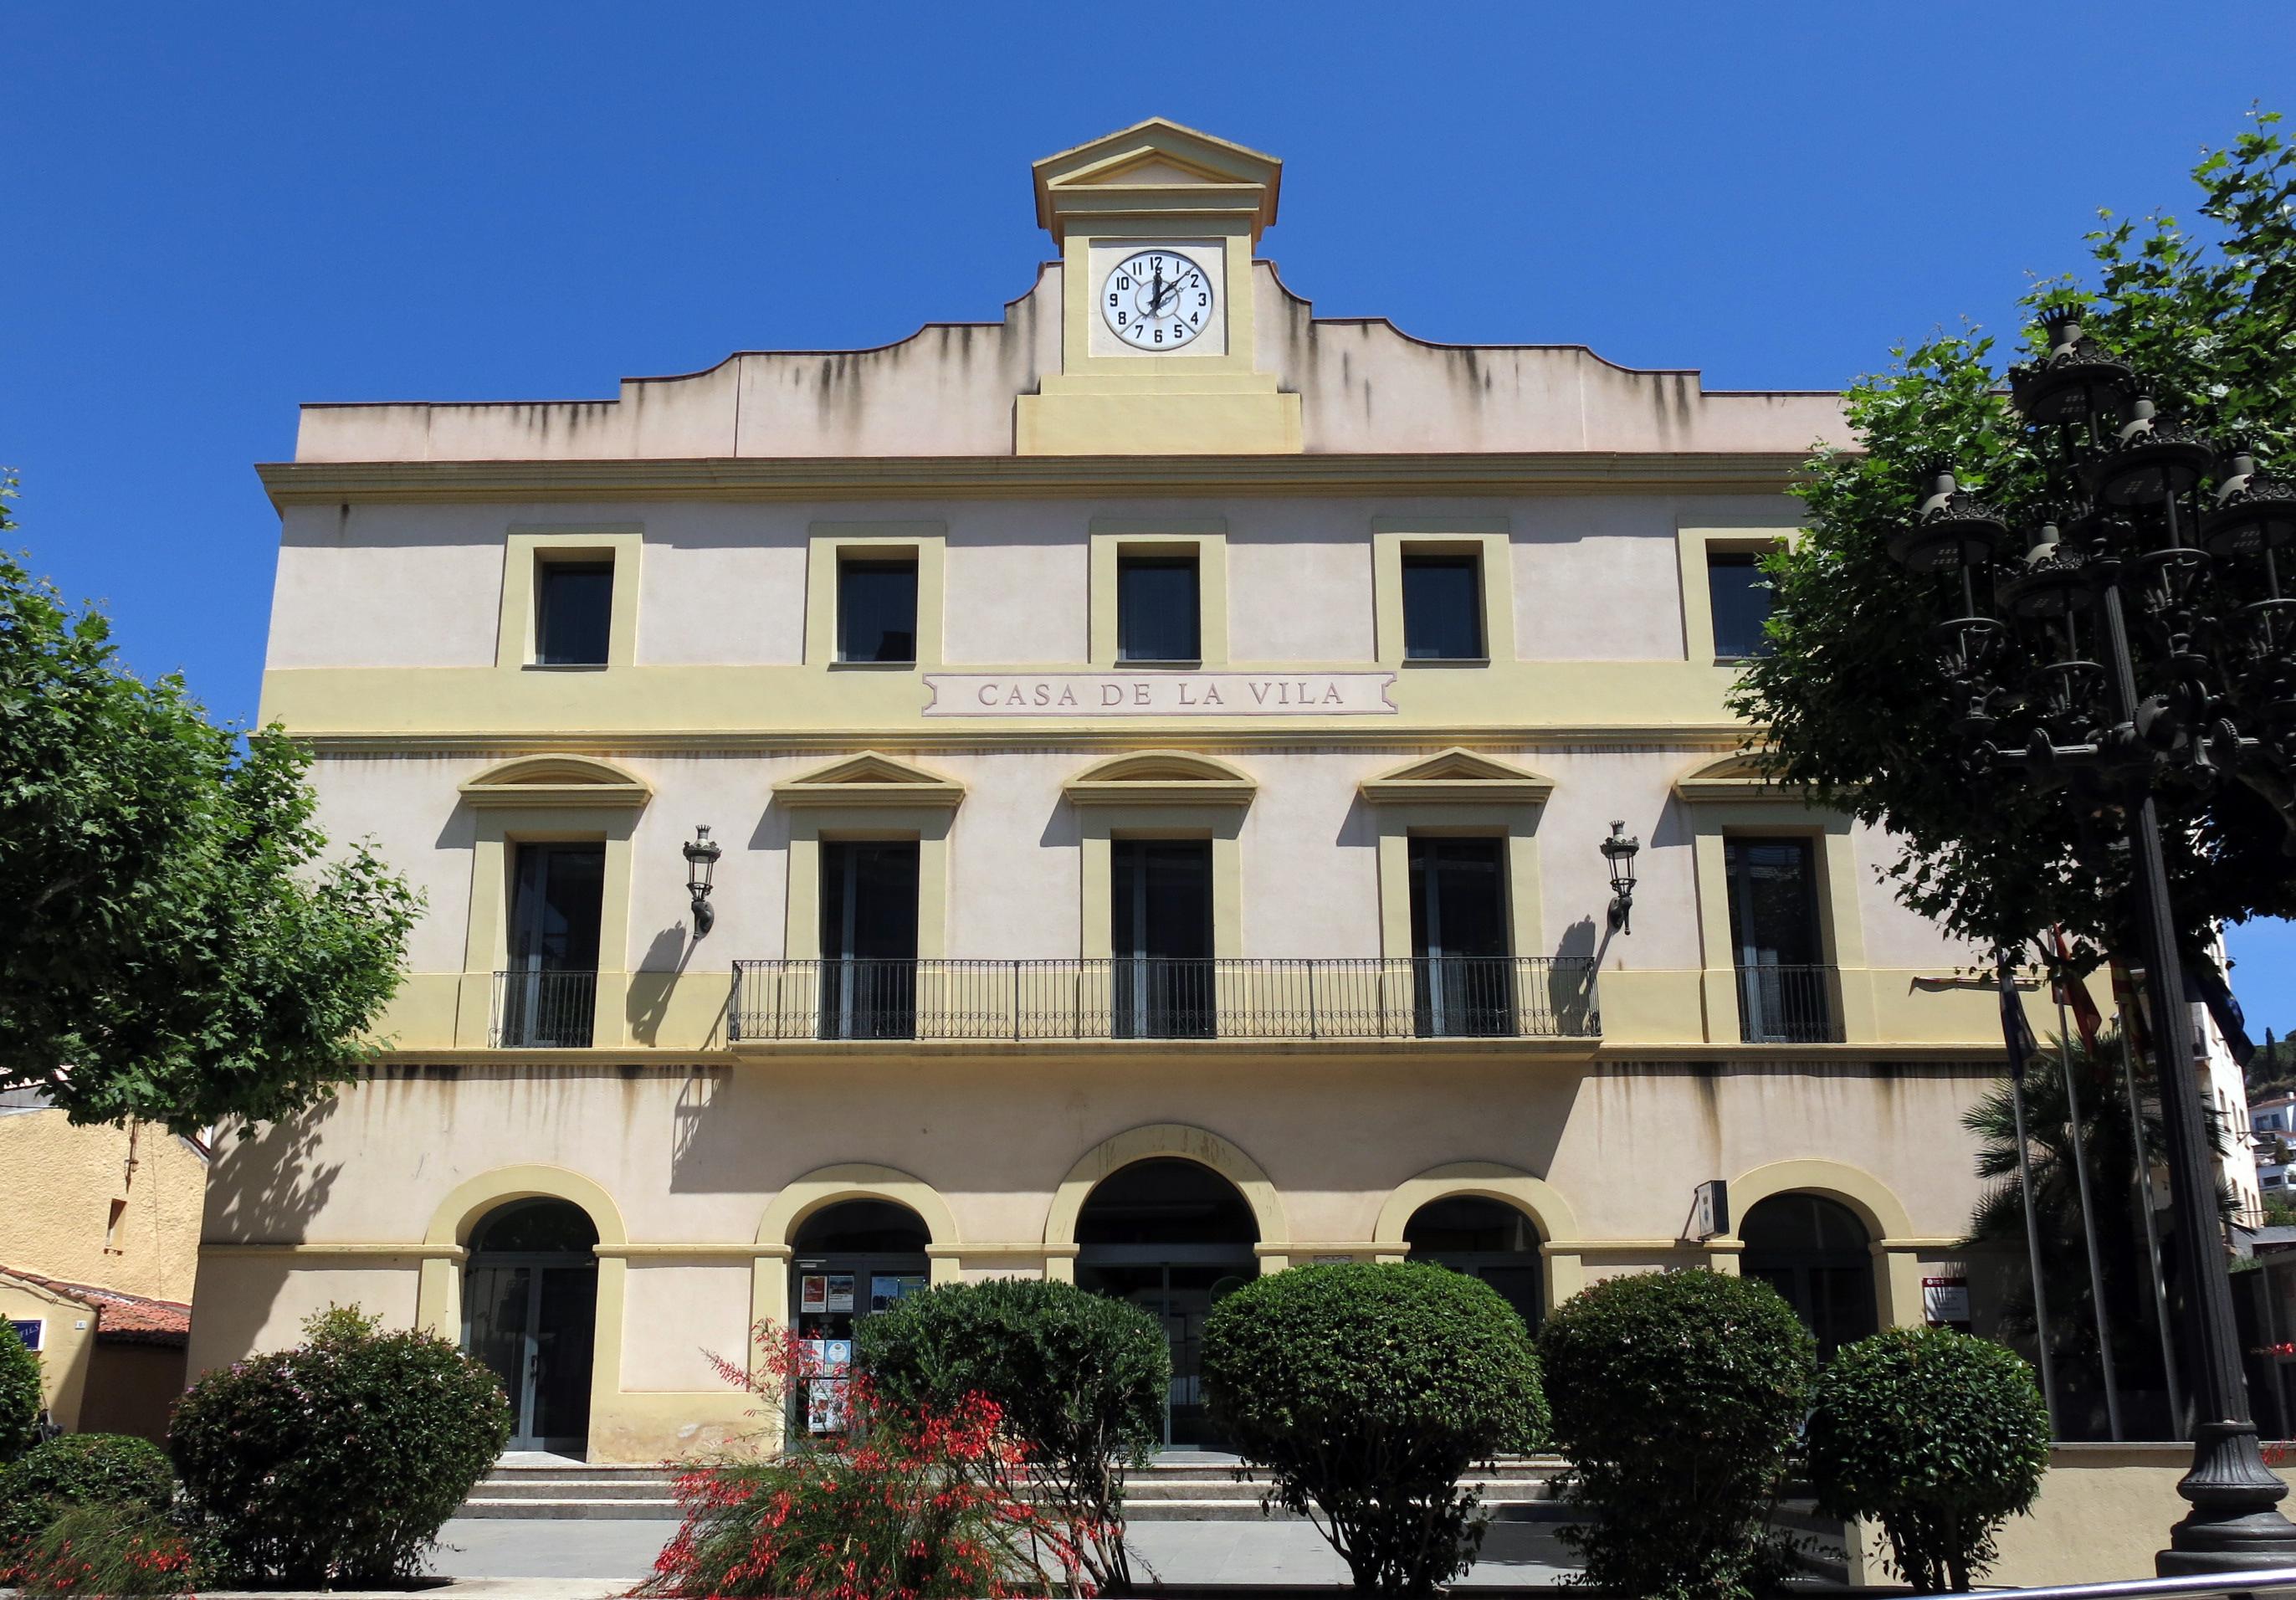 File:022 Ajuntament de Sant Andreu de Llavaneres.JPG - Wikimedia ...